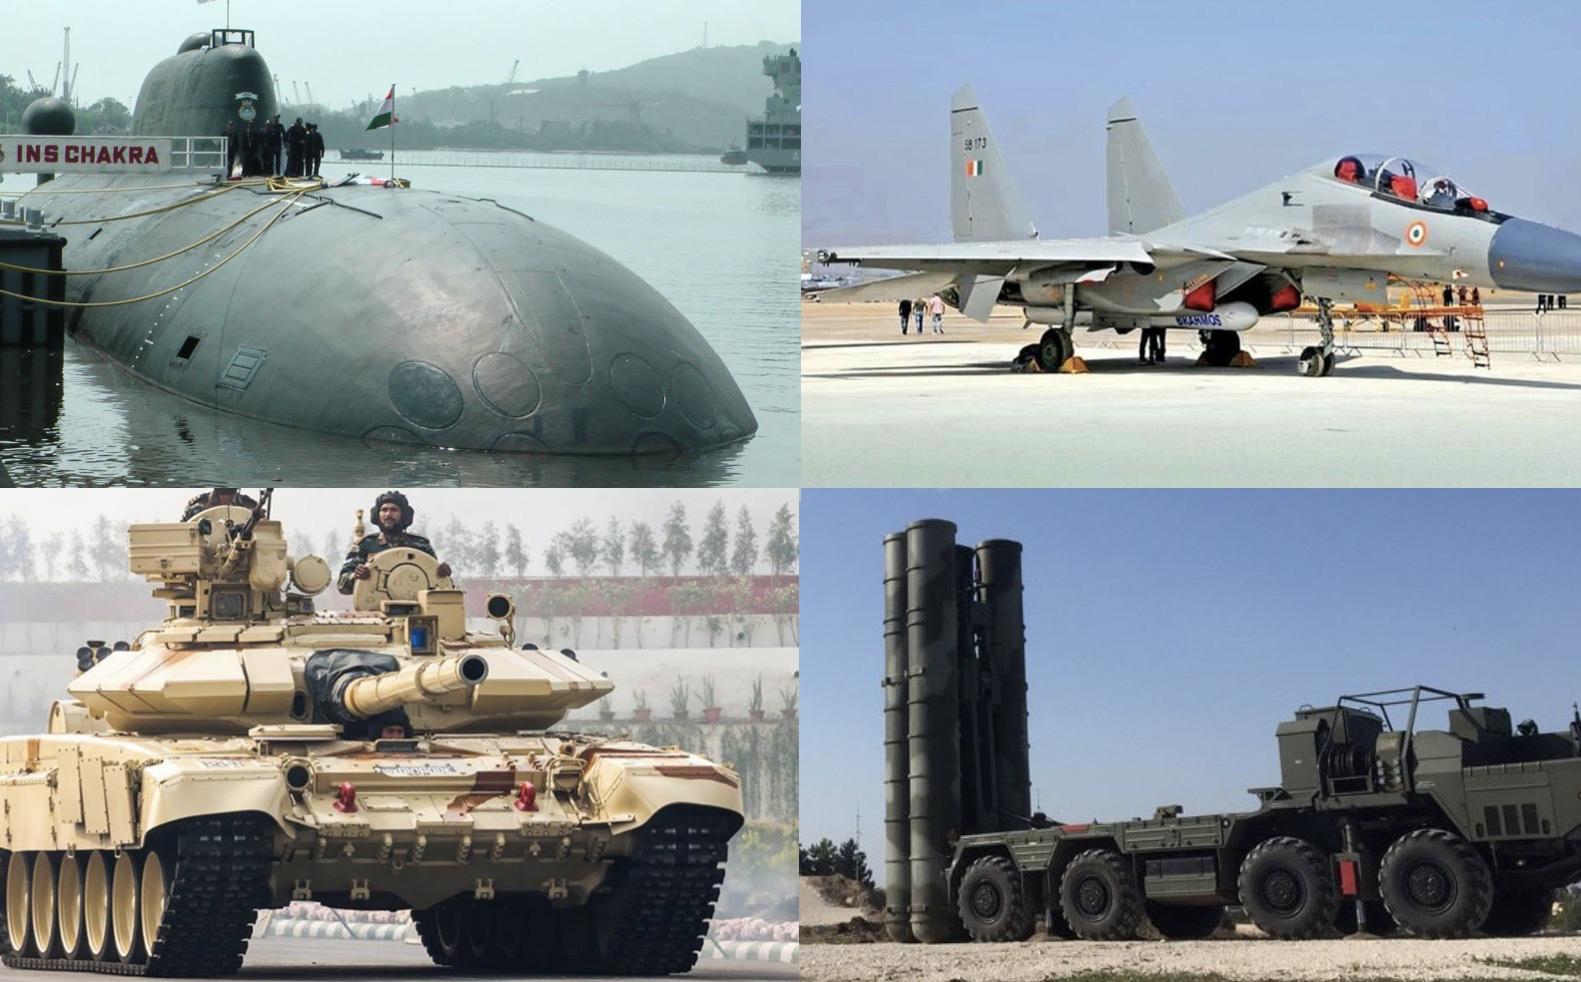 """5 vũ khí chiến thuật nguy hiểm của Ấn Độ khiến Trung Quốc lo sợ: Ác mộng với """"kẻ gây hấn"""""""